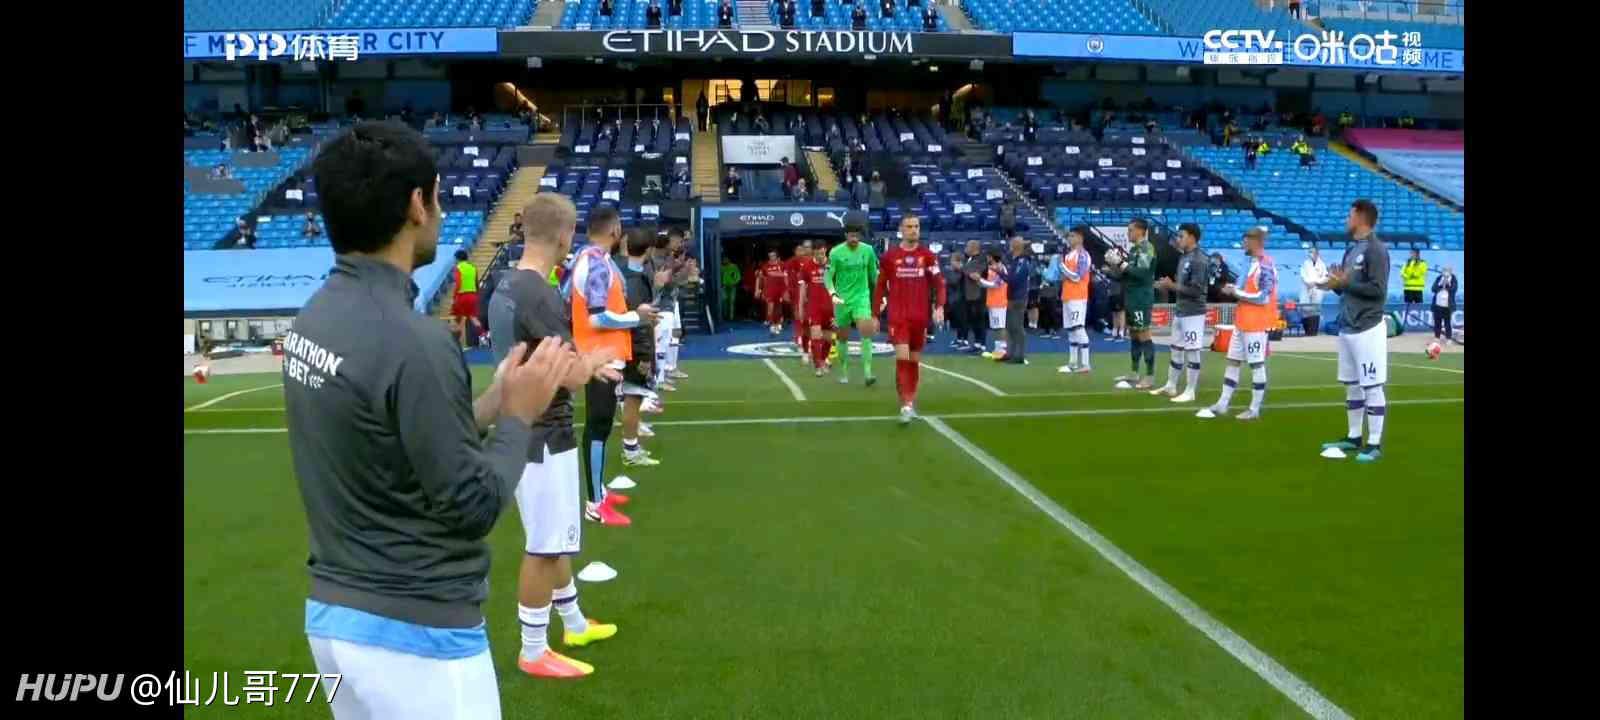 英格兰足坛的优良传统:向冠军致敬!  足球话题区